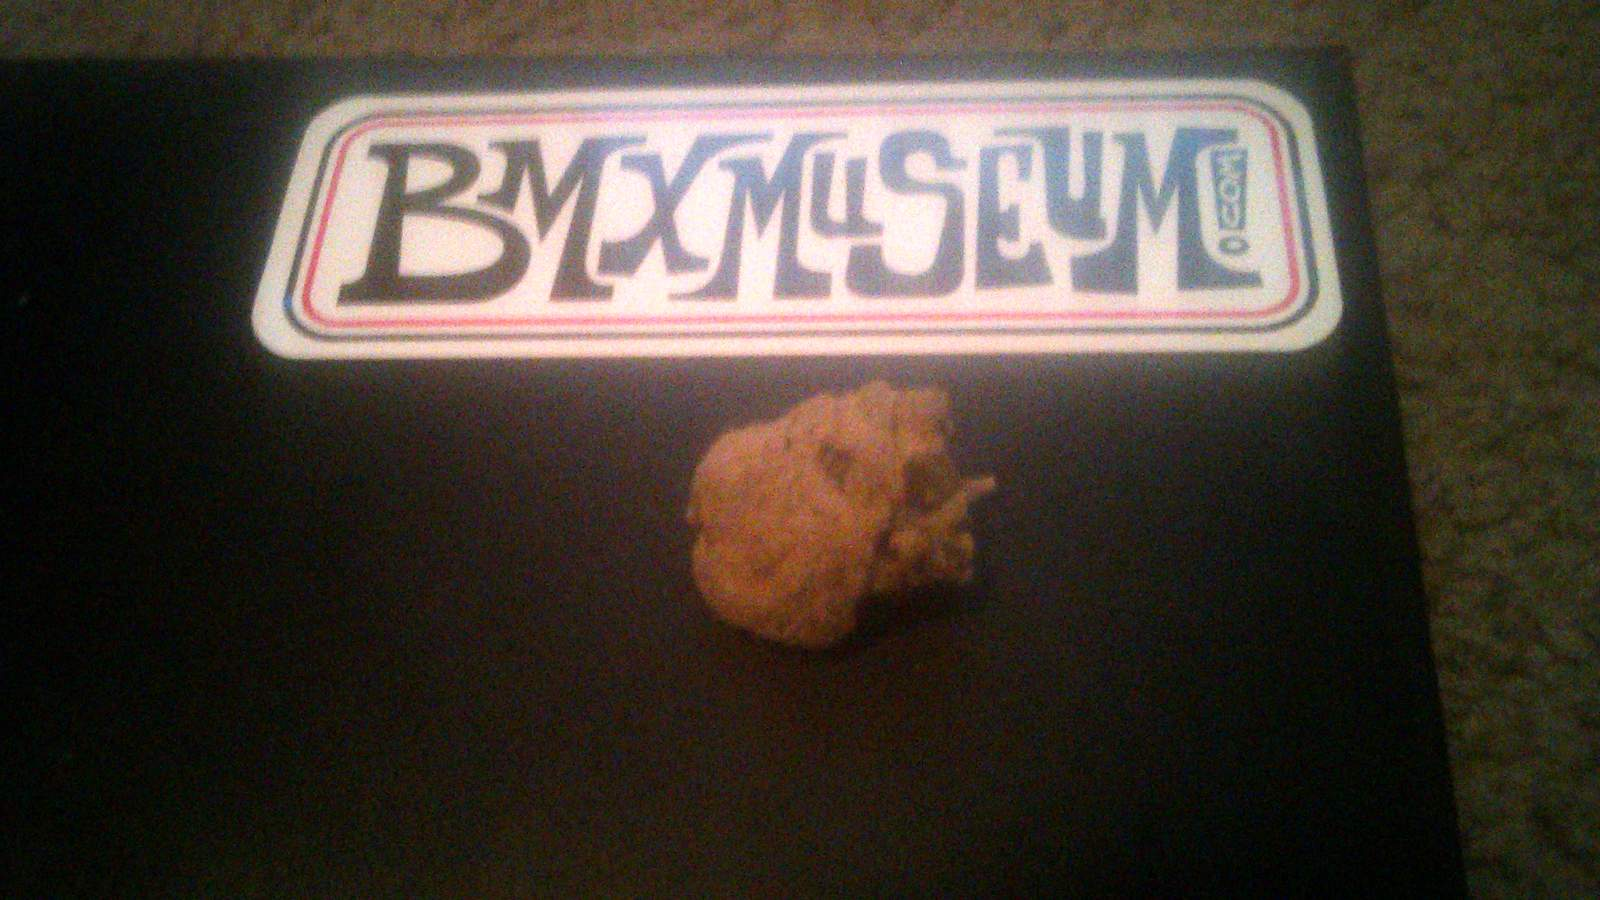 http://uploads.bmxmuseum.com/user-images/215753/imag05185693e13de4.jpg